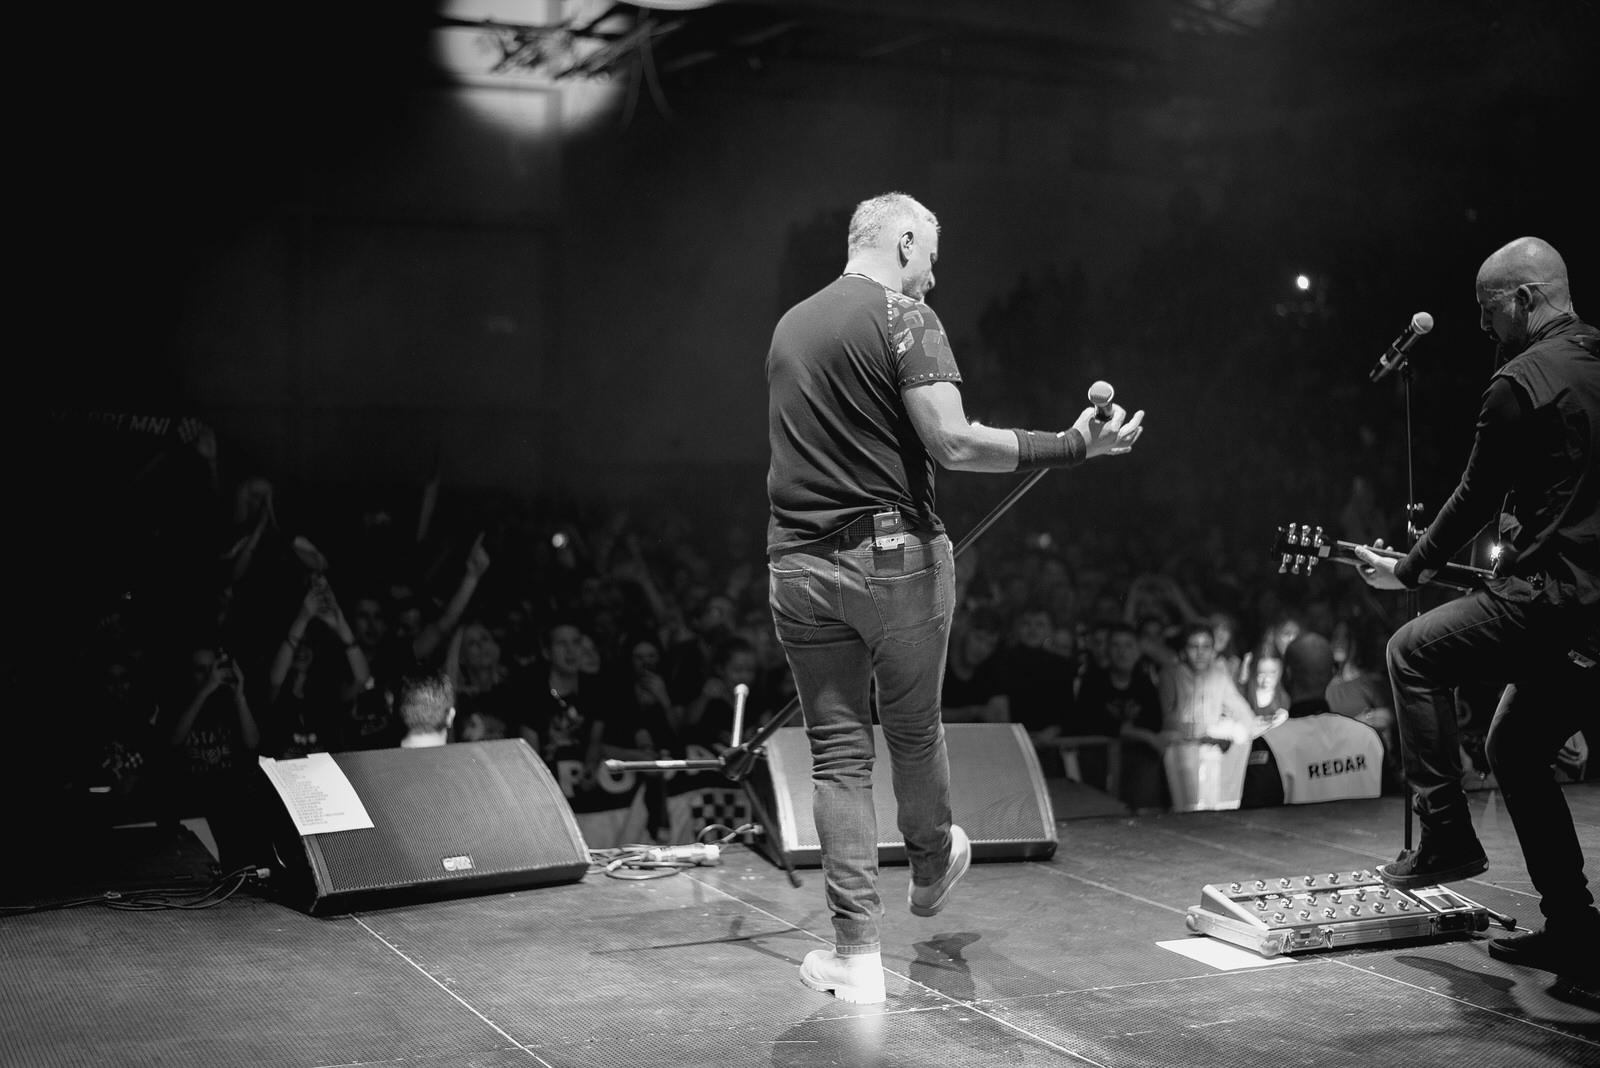 likaclub_gospić_koncert-thompson_2018-42